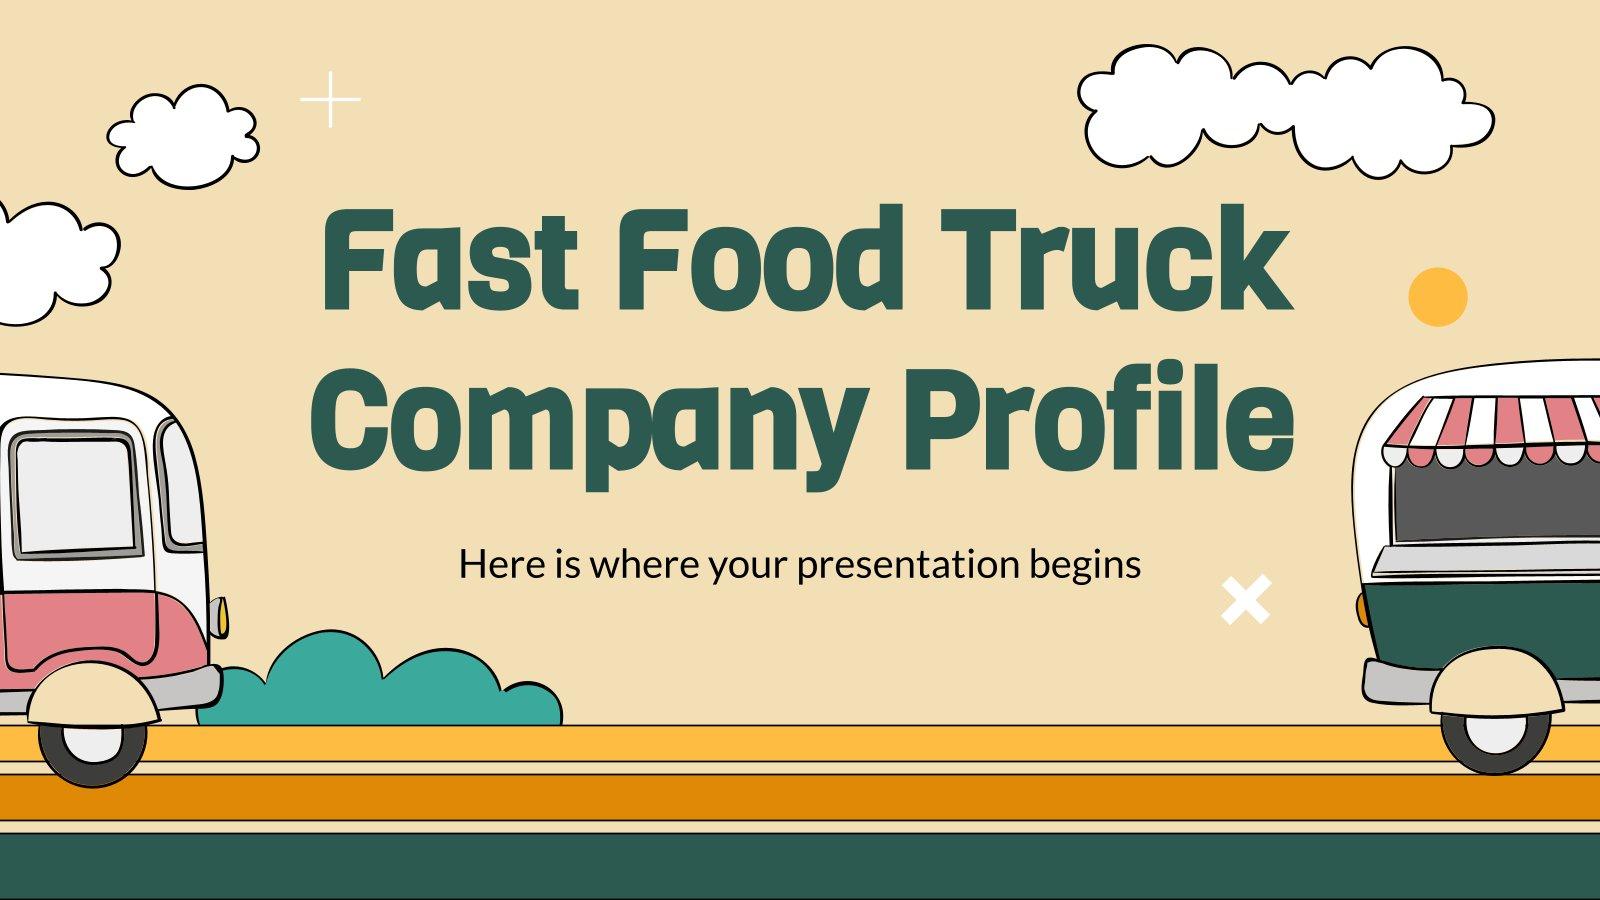 Profil de l'entreprise de camion-restaurants : Modèles de présentation